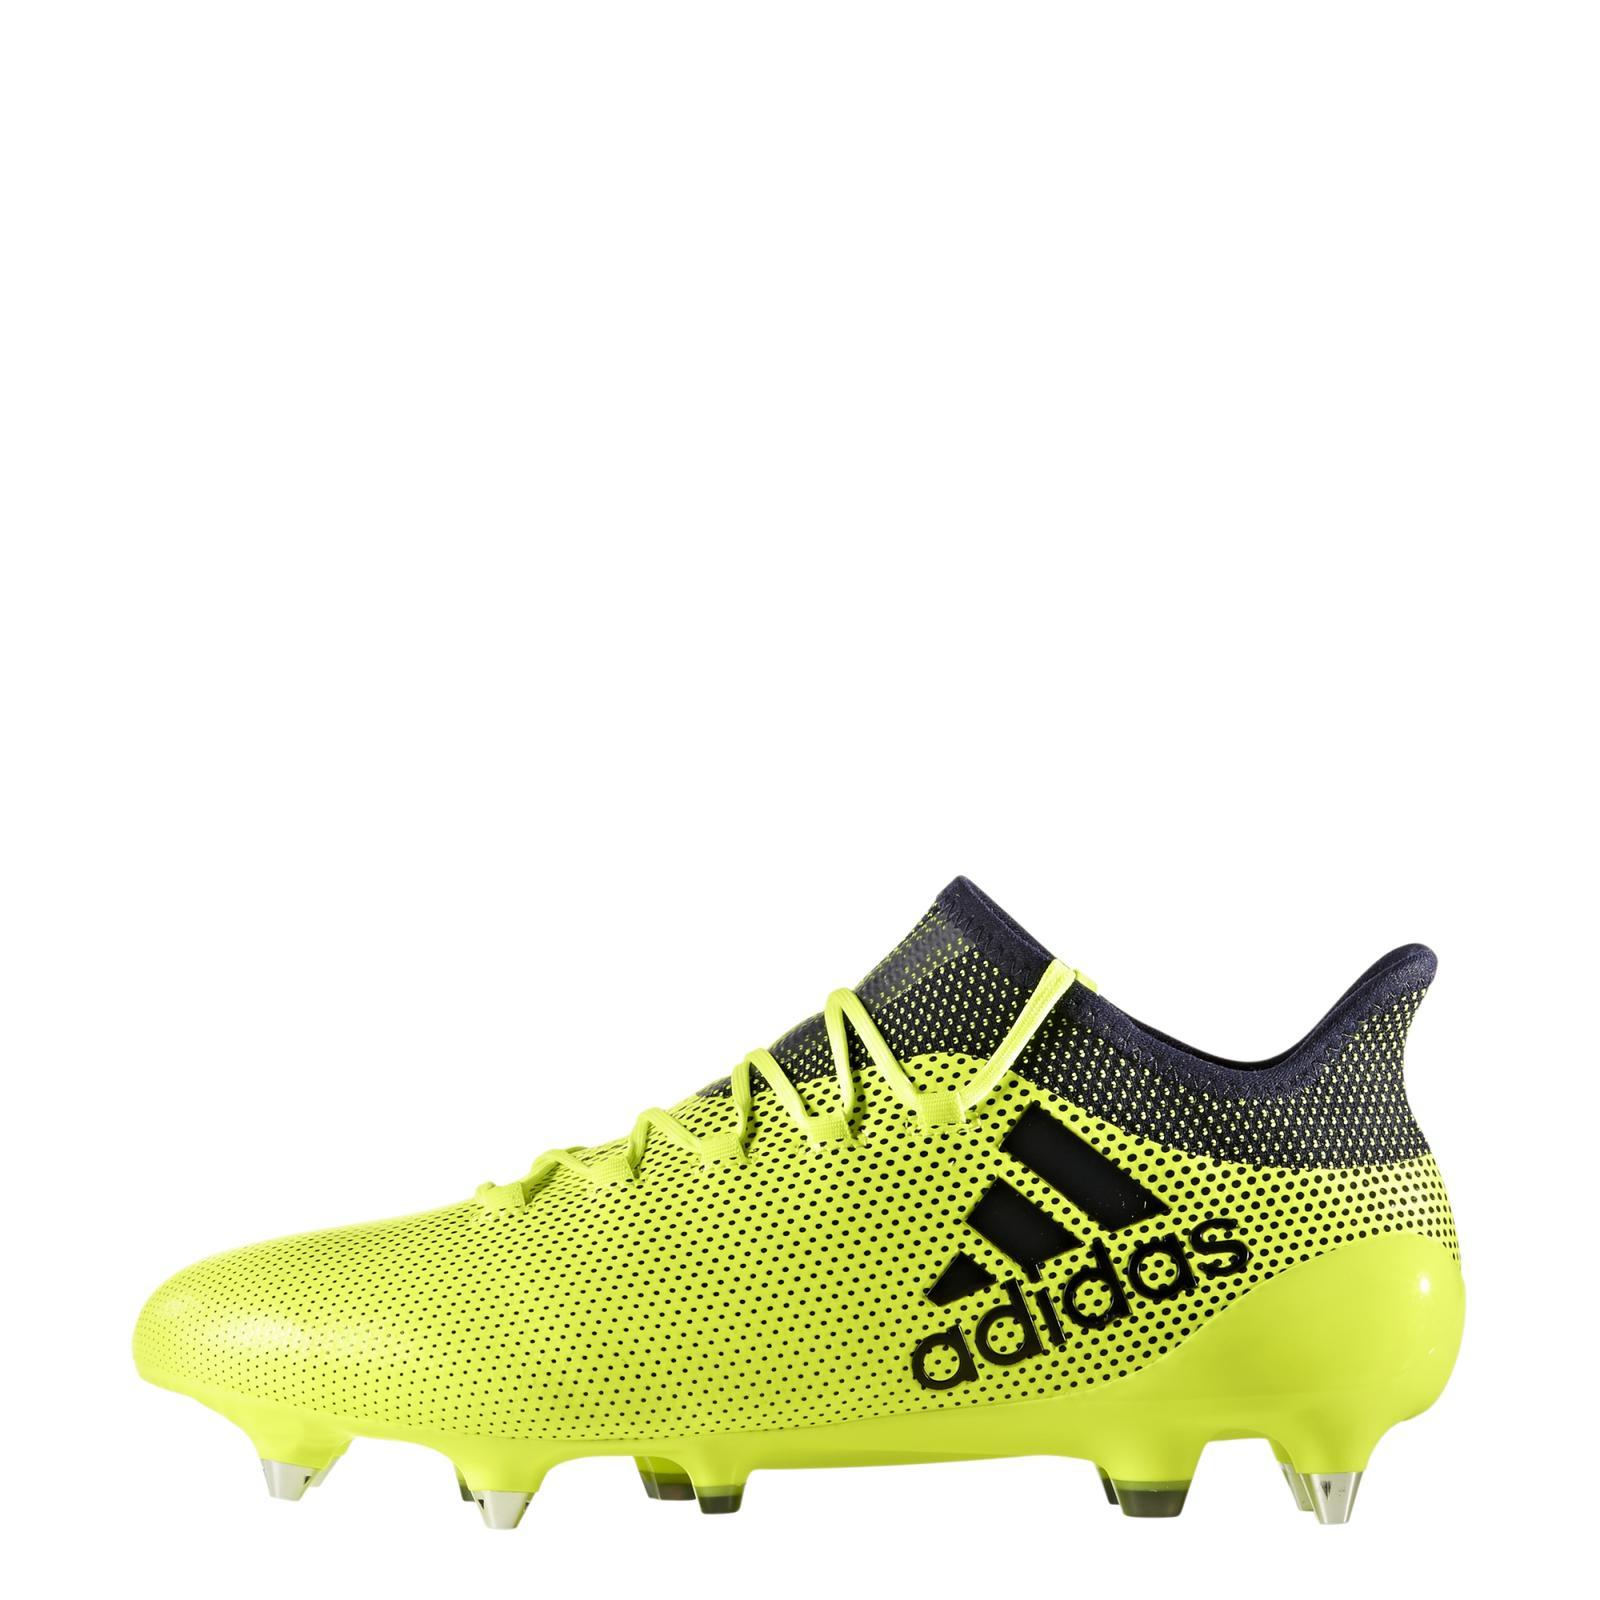 Schuhe Adidas 1 Stollen Details S82314 Fußballschuhe Zu